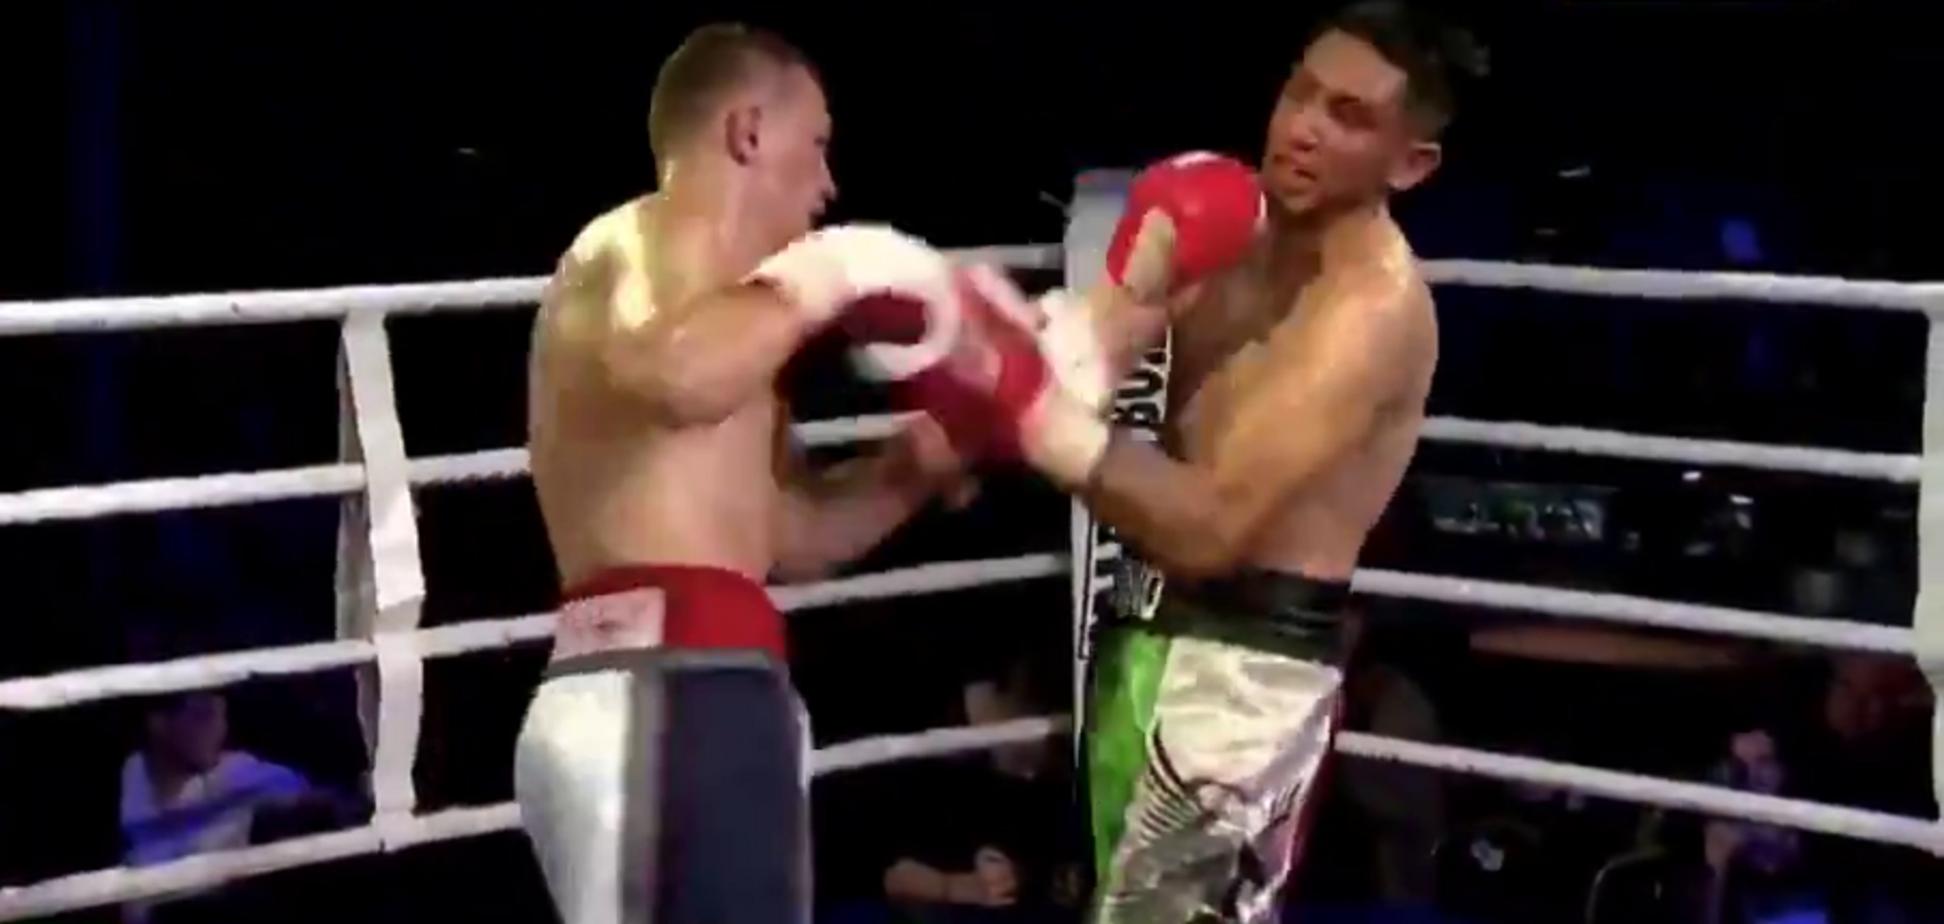 Известный украинский боксер добыл победу кровавым нокаутом - опубликовано видео